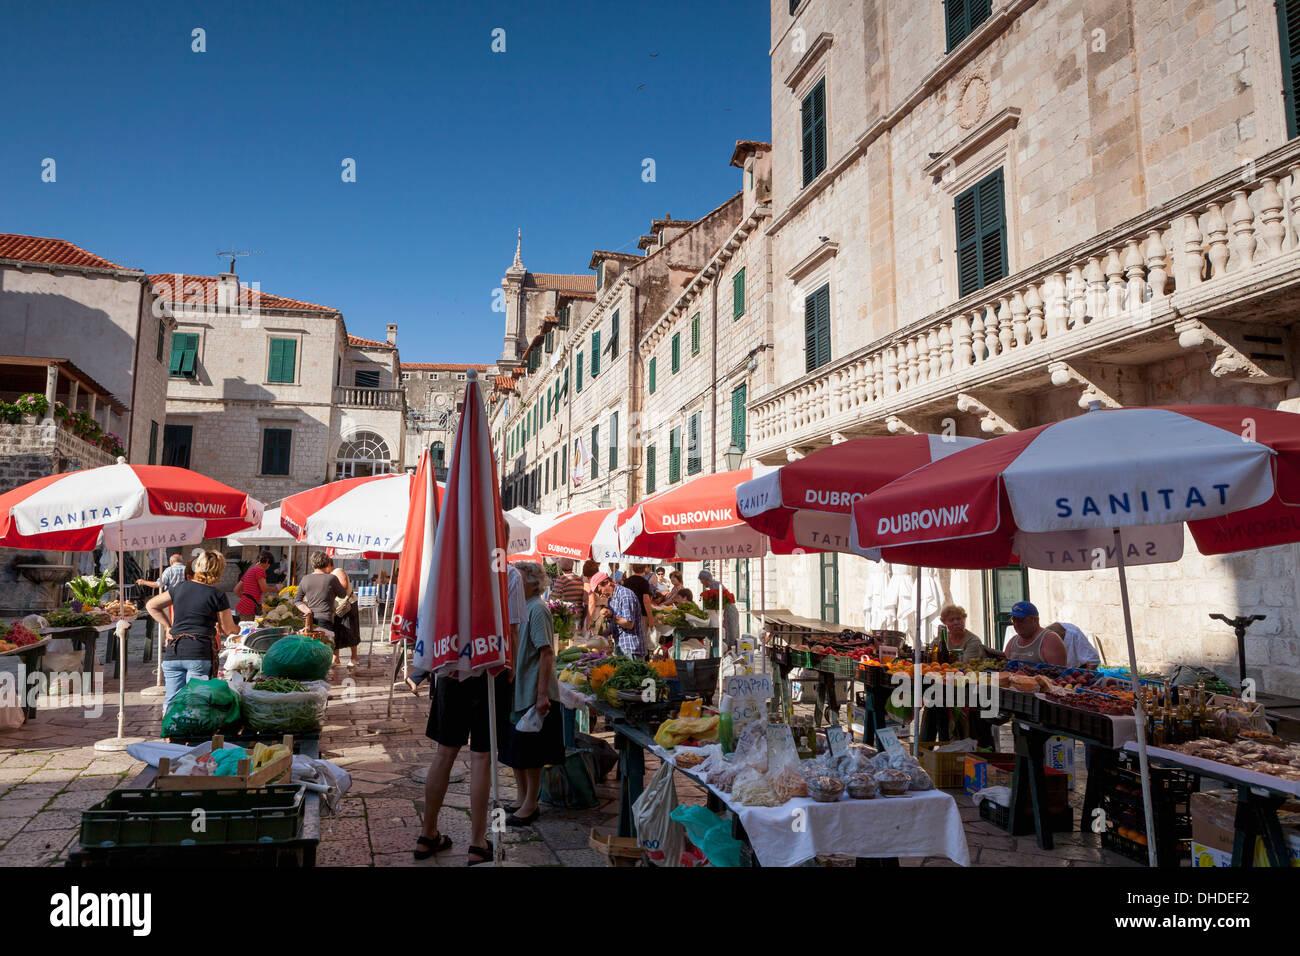 La place Gundulic en marché, Dubrovnik, Croatie, Europe Banque D'Images